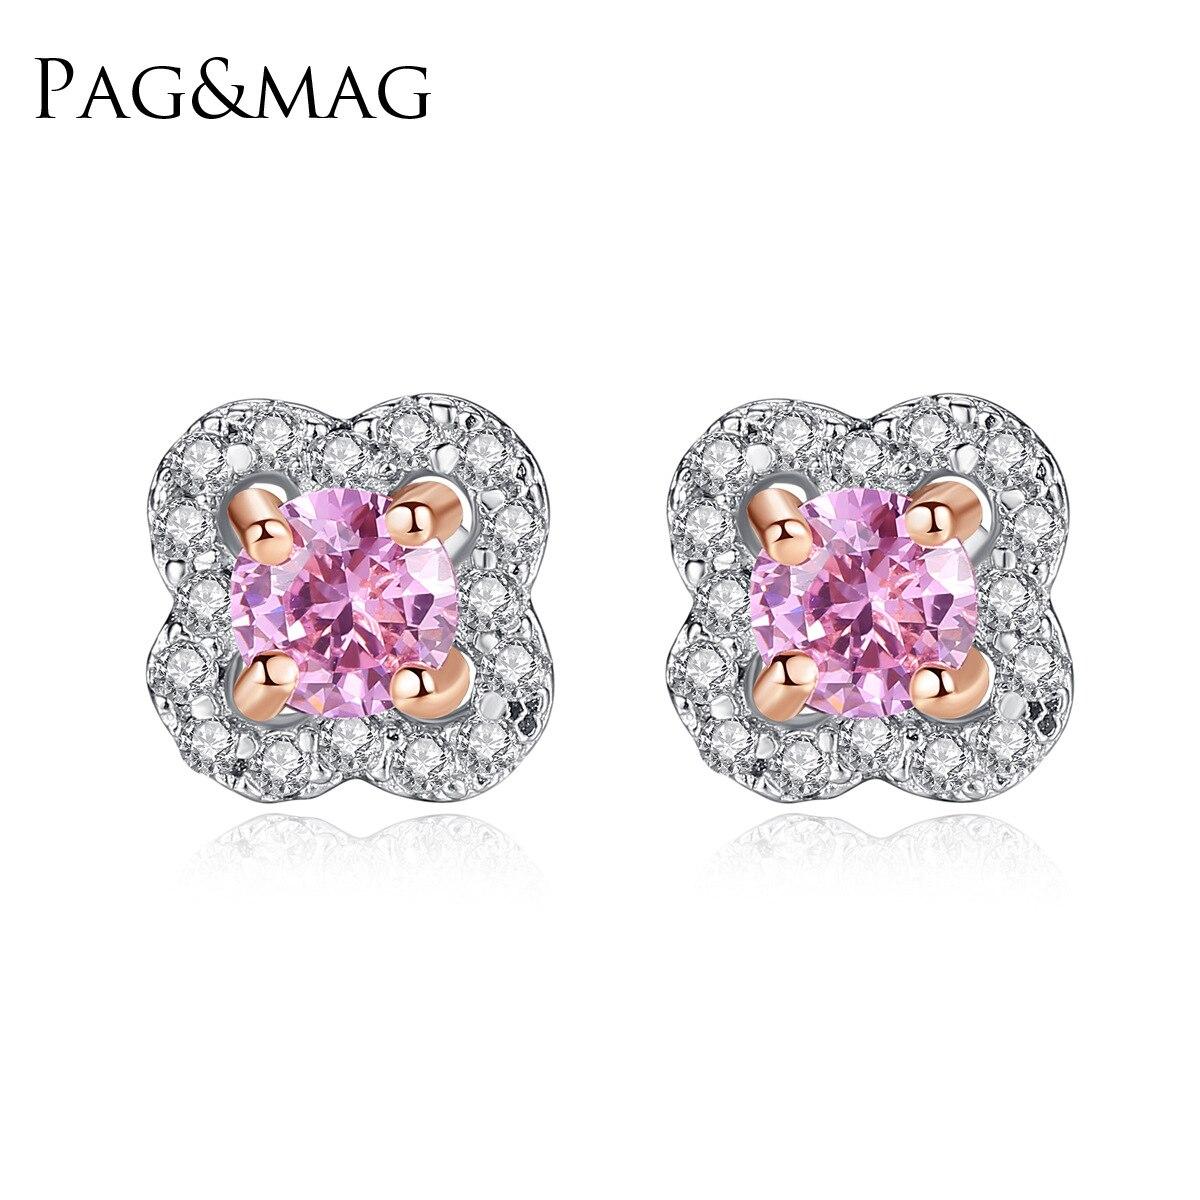 PAG & MAG AAA zircon fleur S925 pur argent oreille clou exquis mode dame boucle d'oreille bijoux en argent